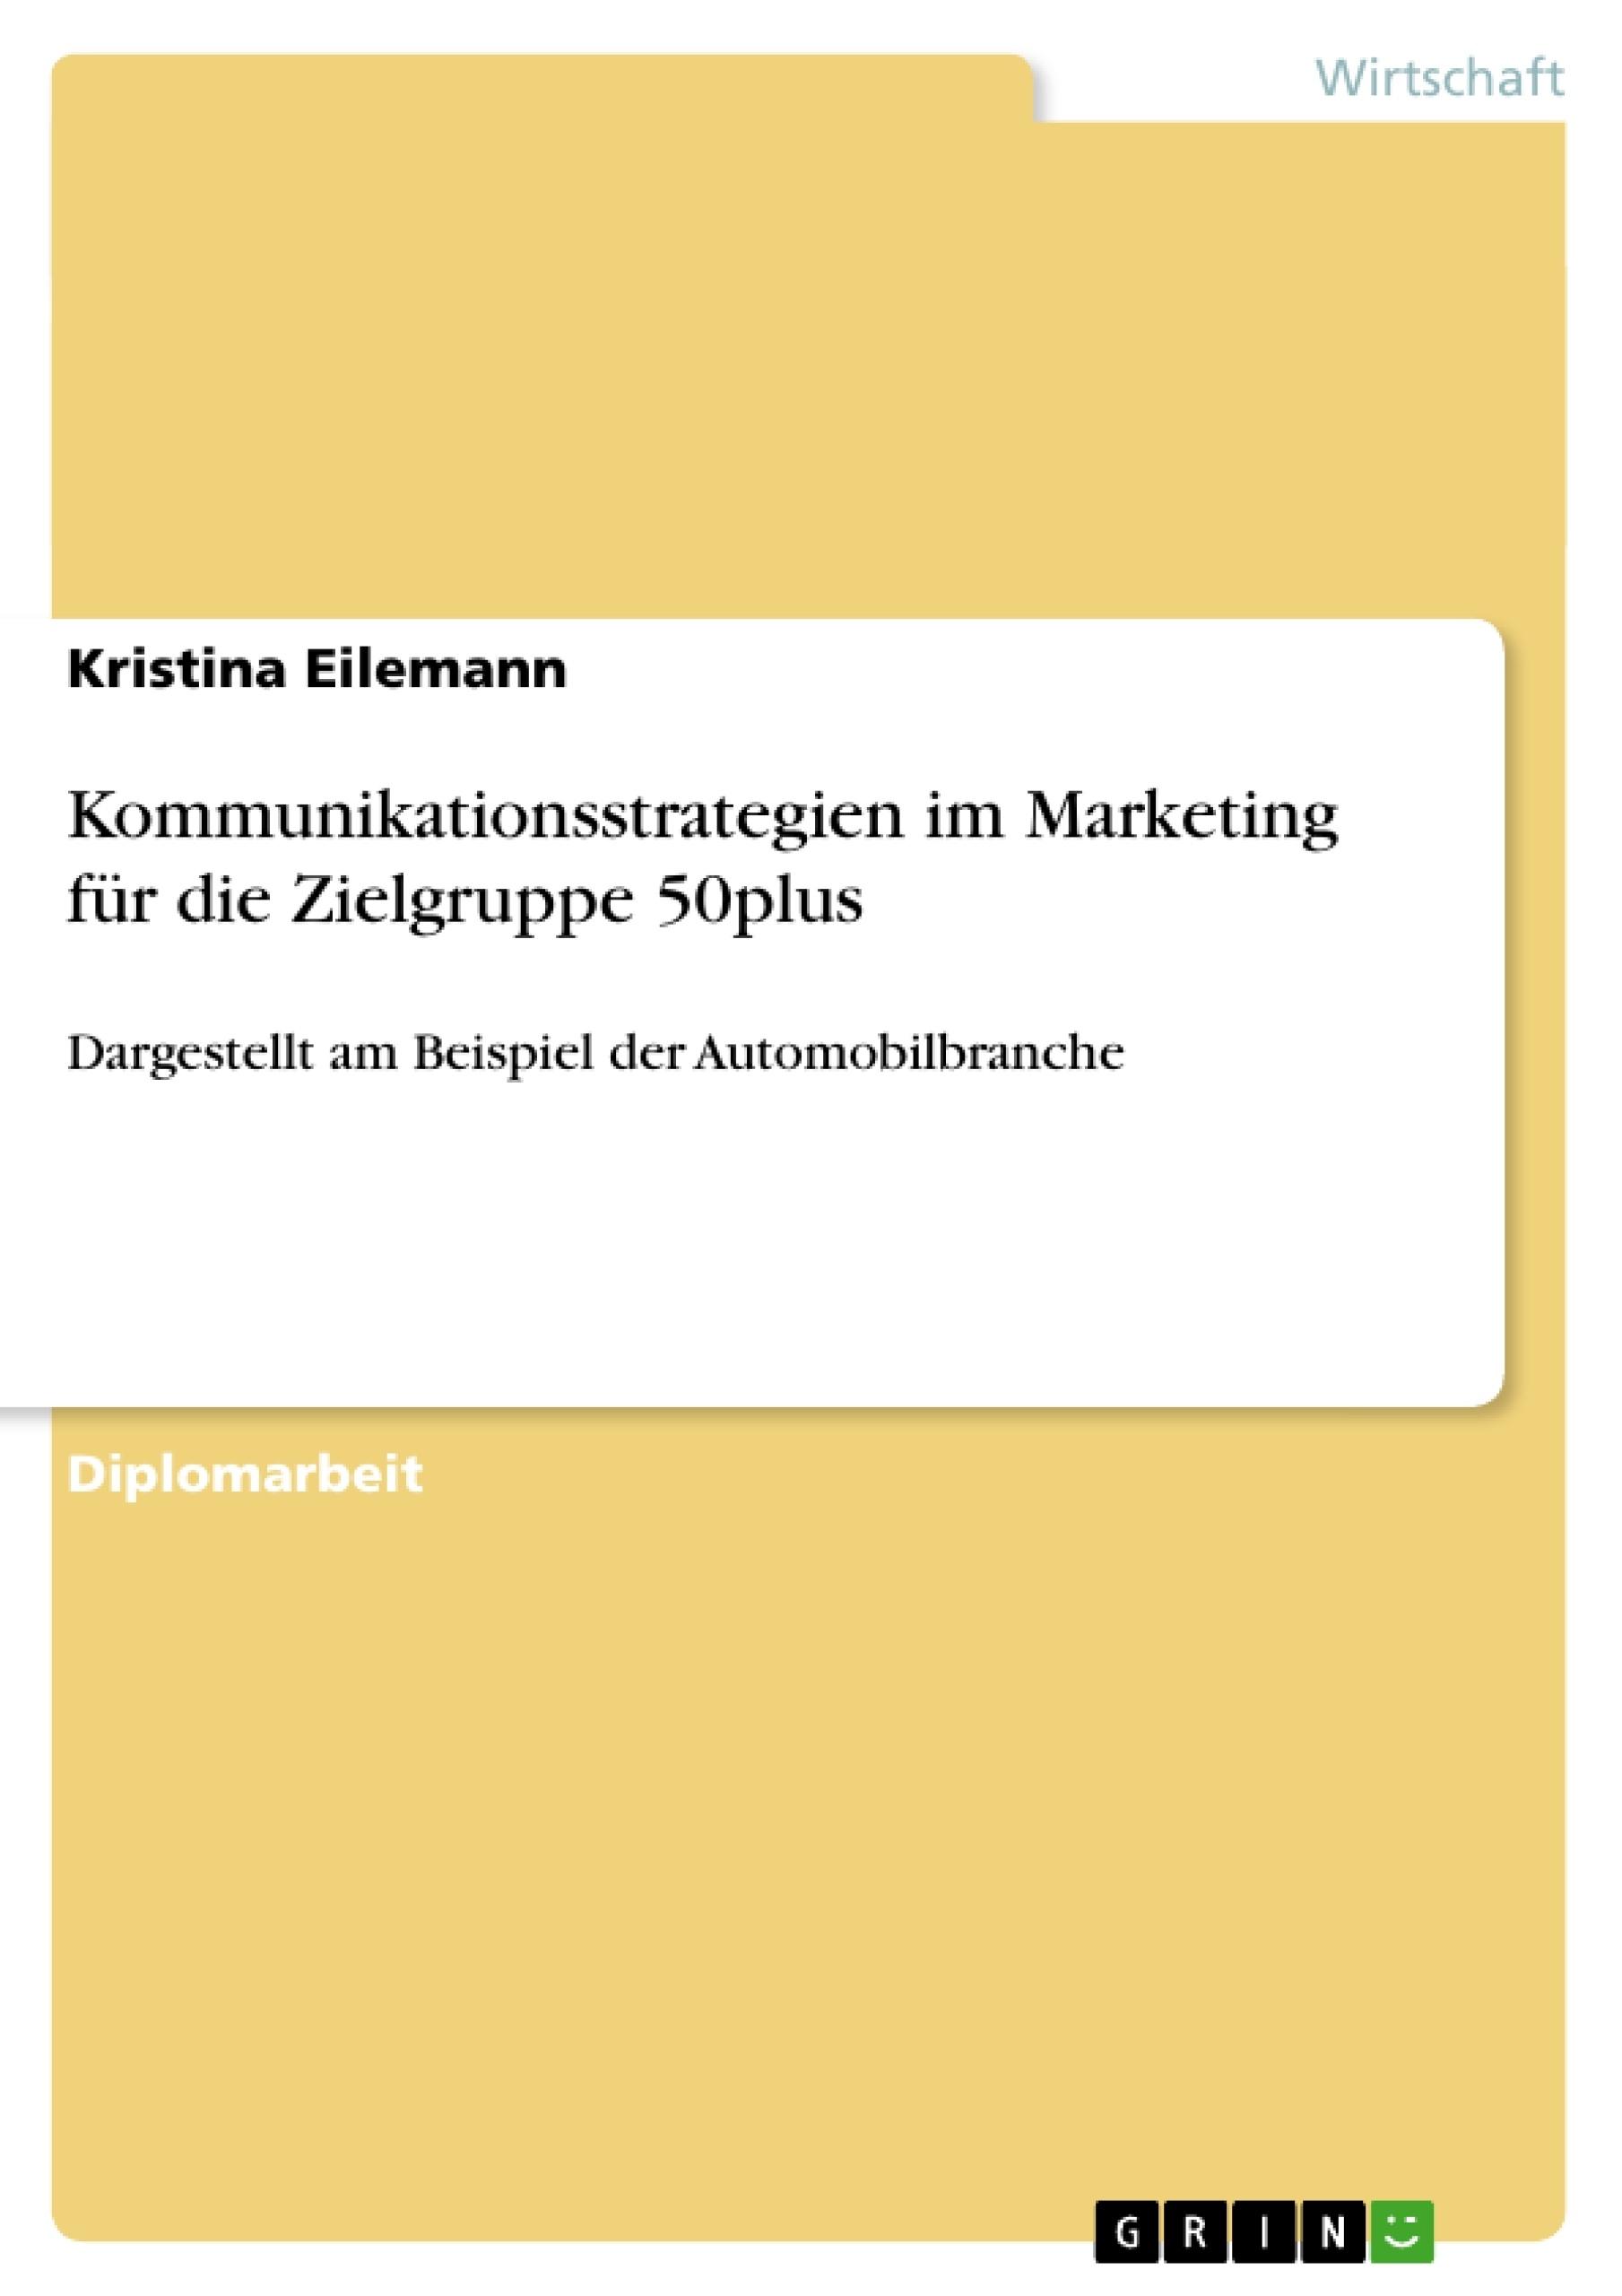 Titel: Kommunikationsstrategien im Marketing für die Zielgruppe 50plus